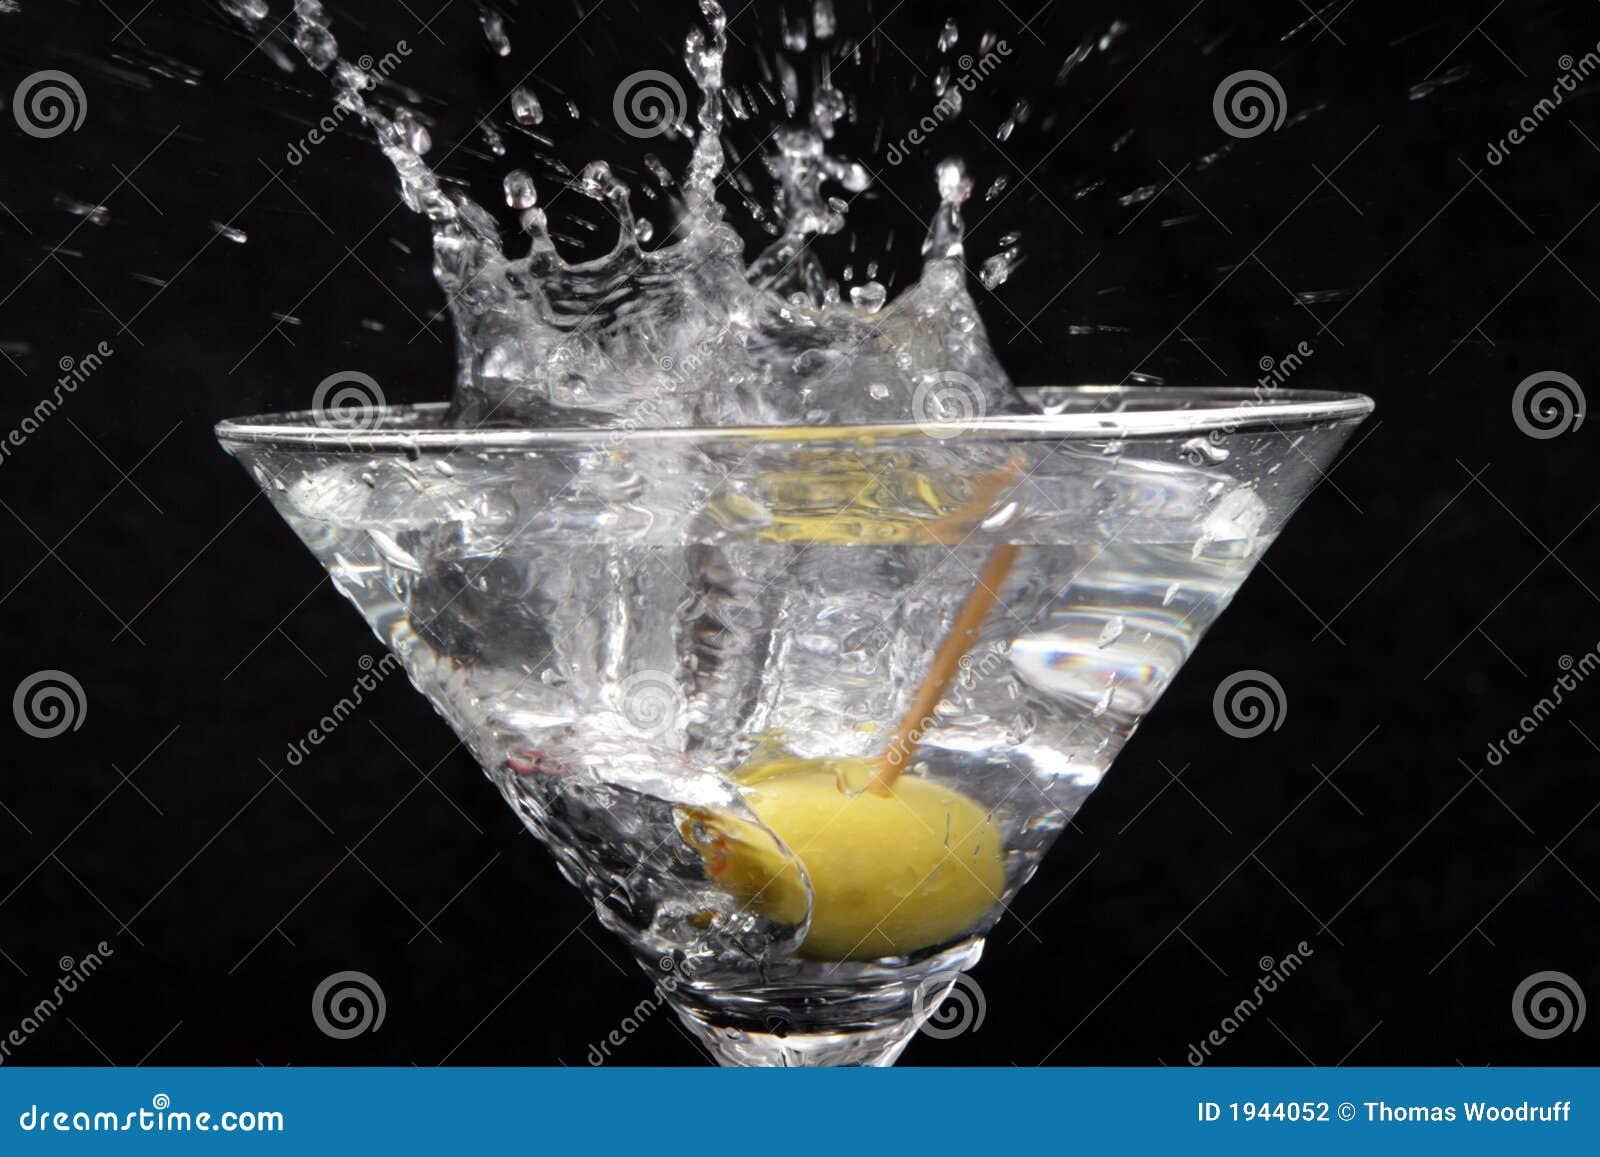 10马蒂尼鸡尾酒